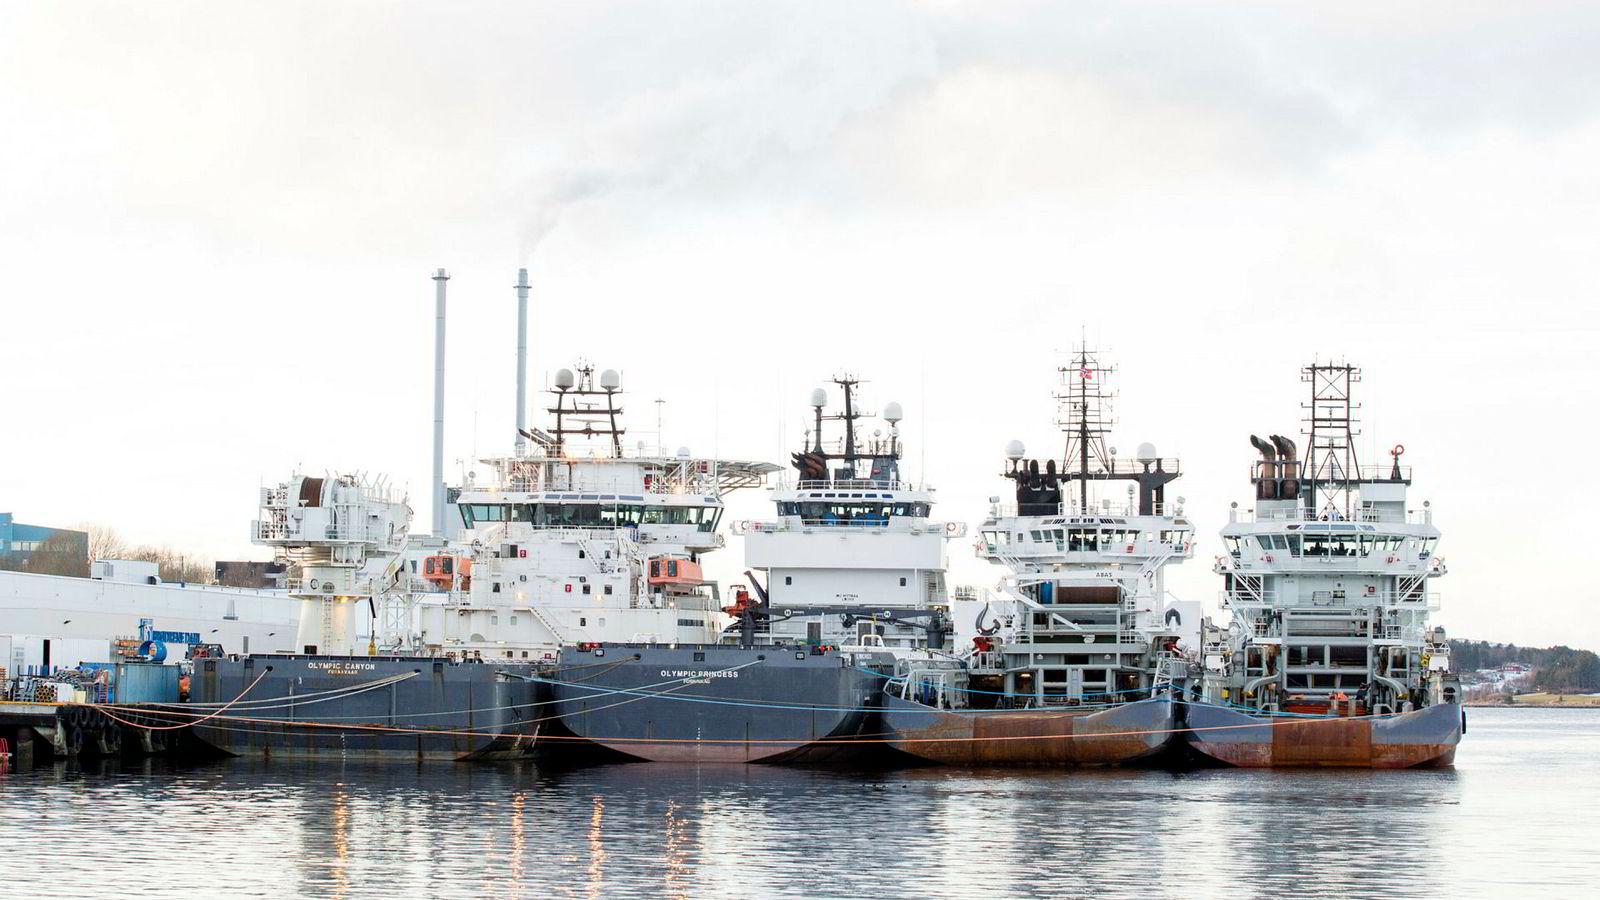 Stadig flere skip blir med i Norsk Internasjonalt Skipsregister (NIS). Bildet viser skip som brukes i oljeindustrien som ligger til kai i Ålesund.